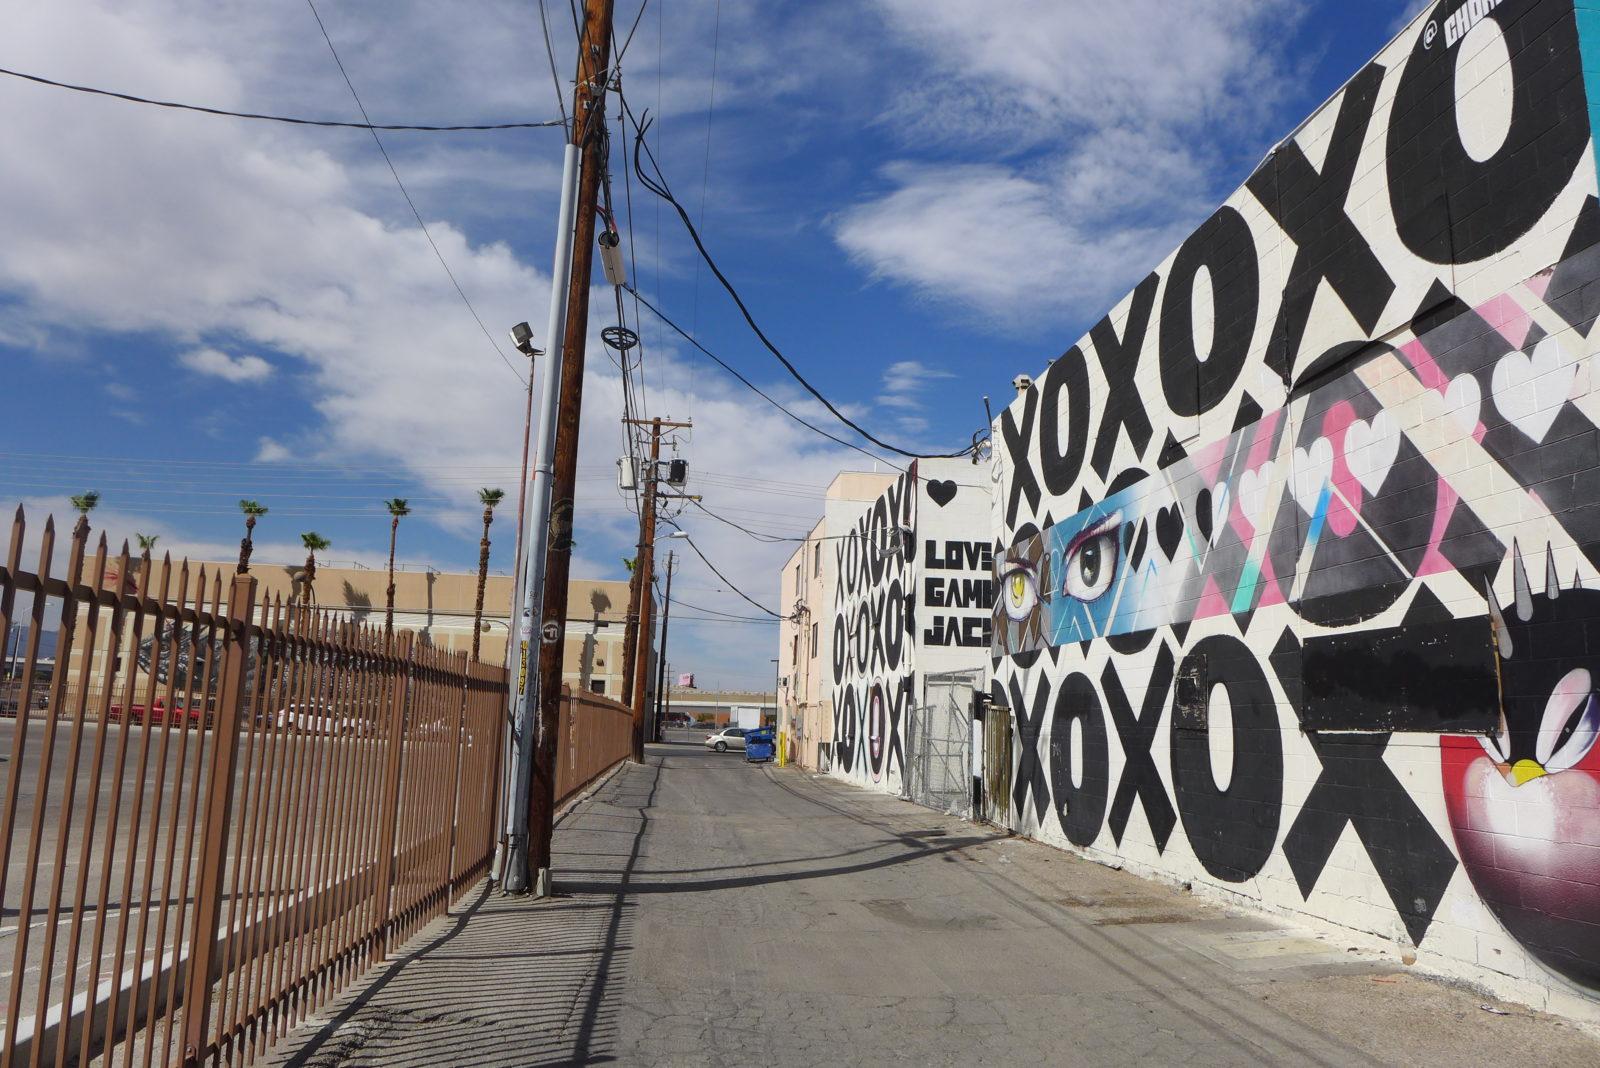 arturbain lasvegas street art murals radar graffitiChor Boogie - À Las Vegas, un festival de street art et musique revitalise un quartier en perdition